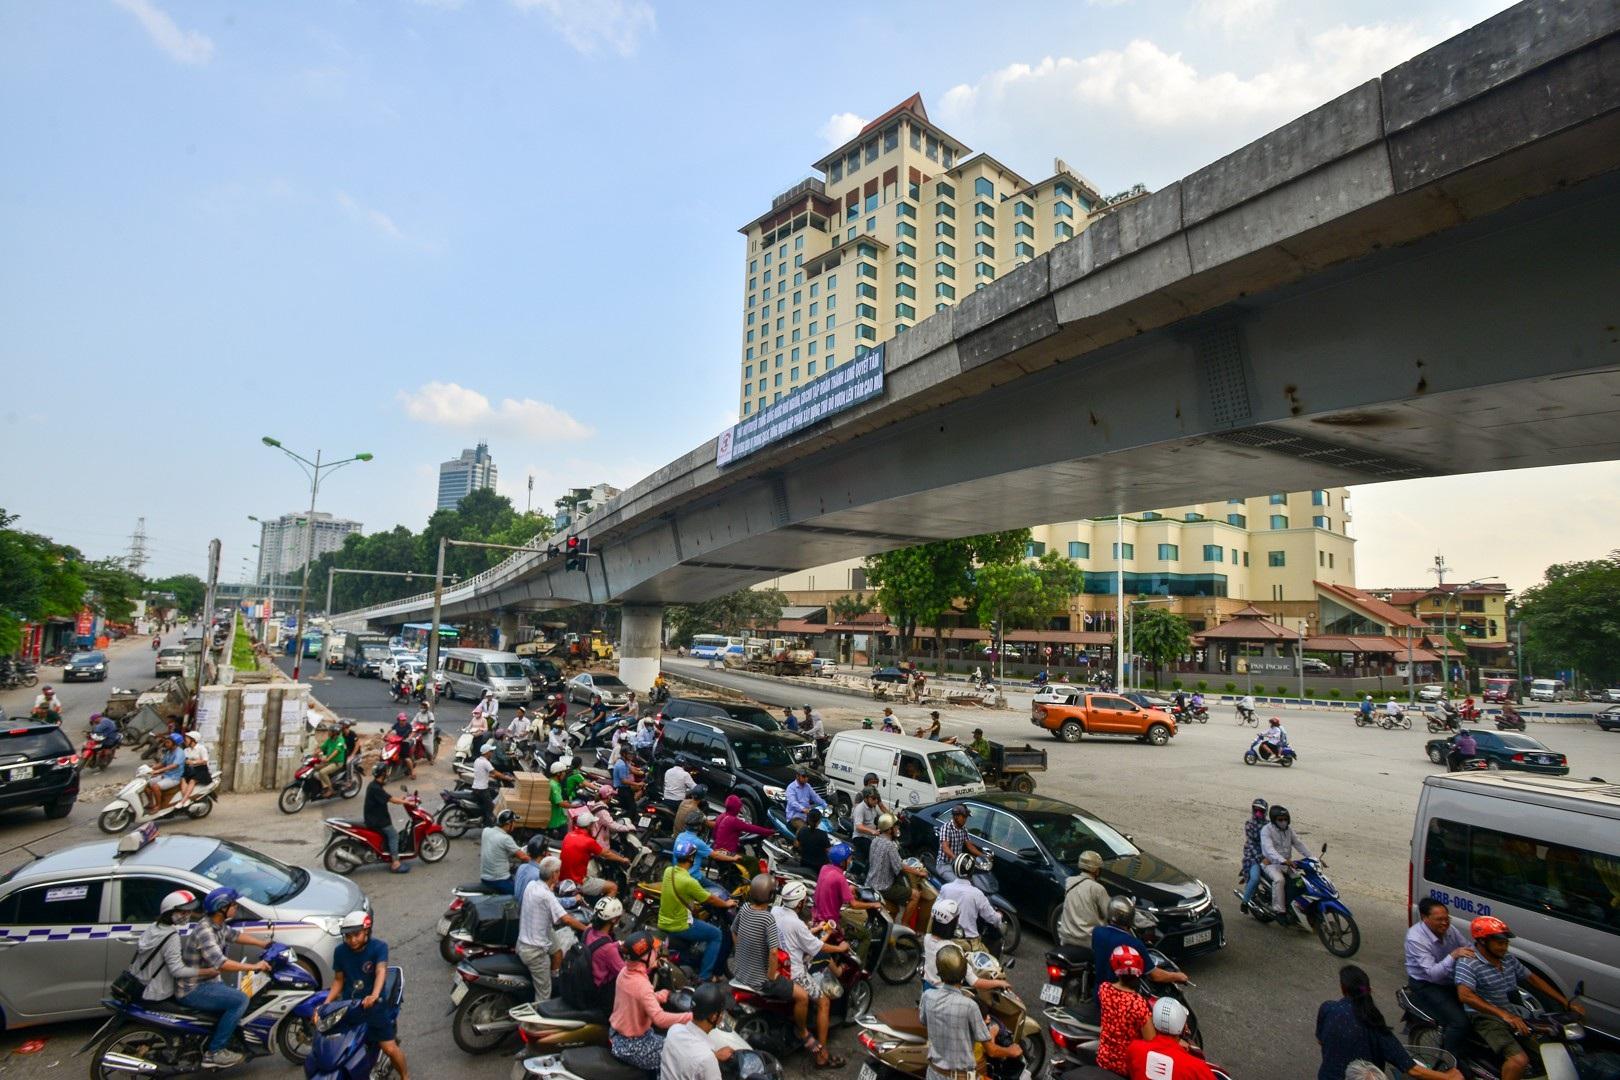 Hà Nội: Toàn cảnh dự án cầu vượt An Dương sau hơn một năm thi công - Ảnh 10.